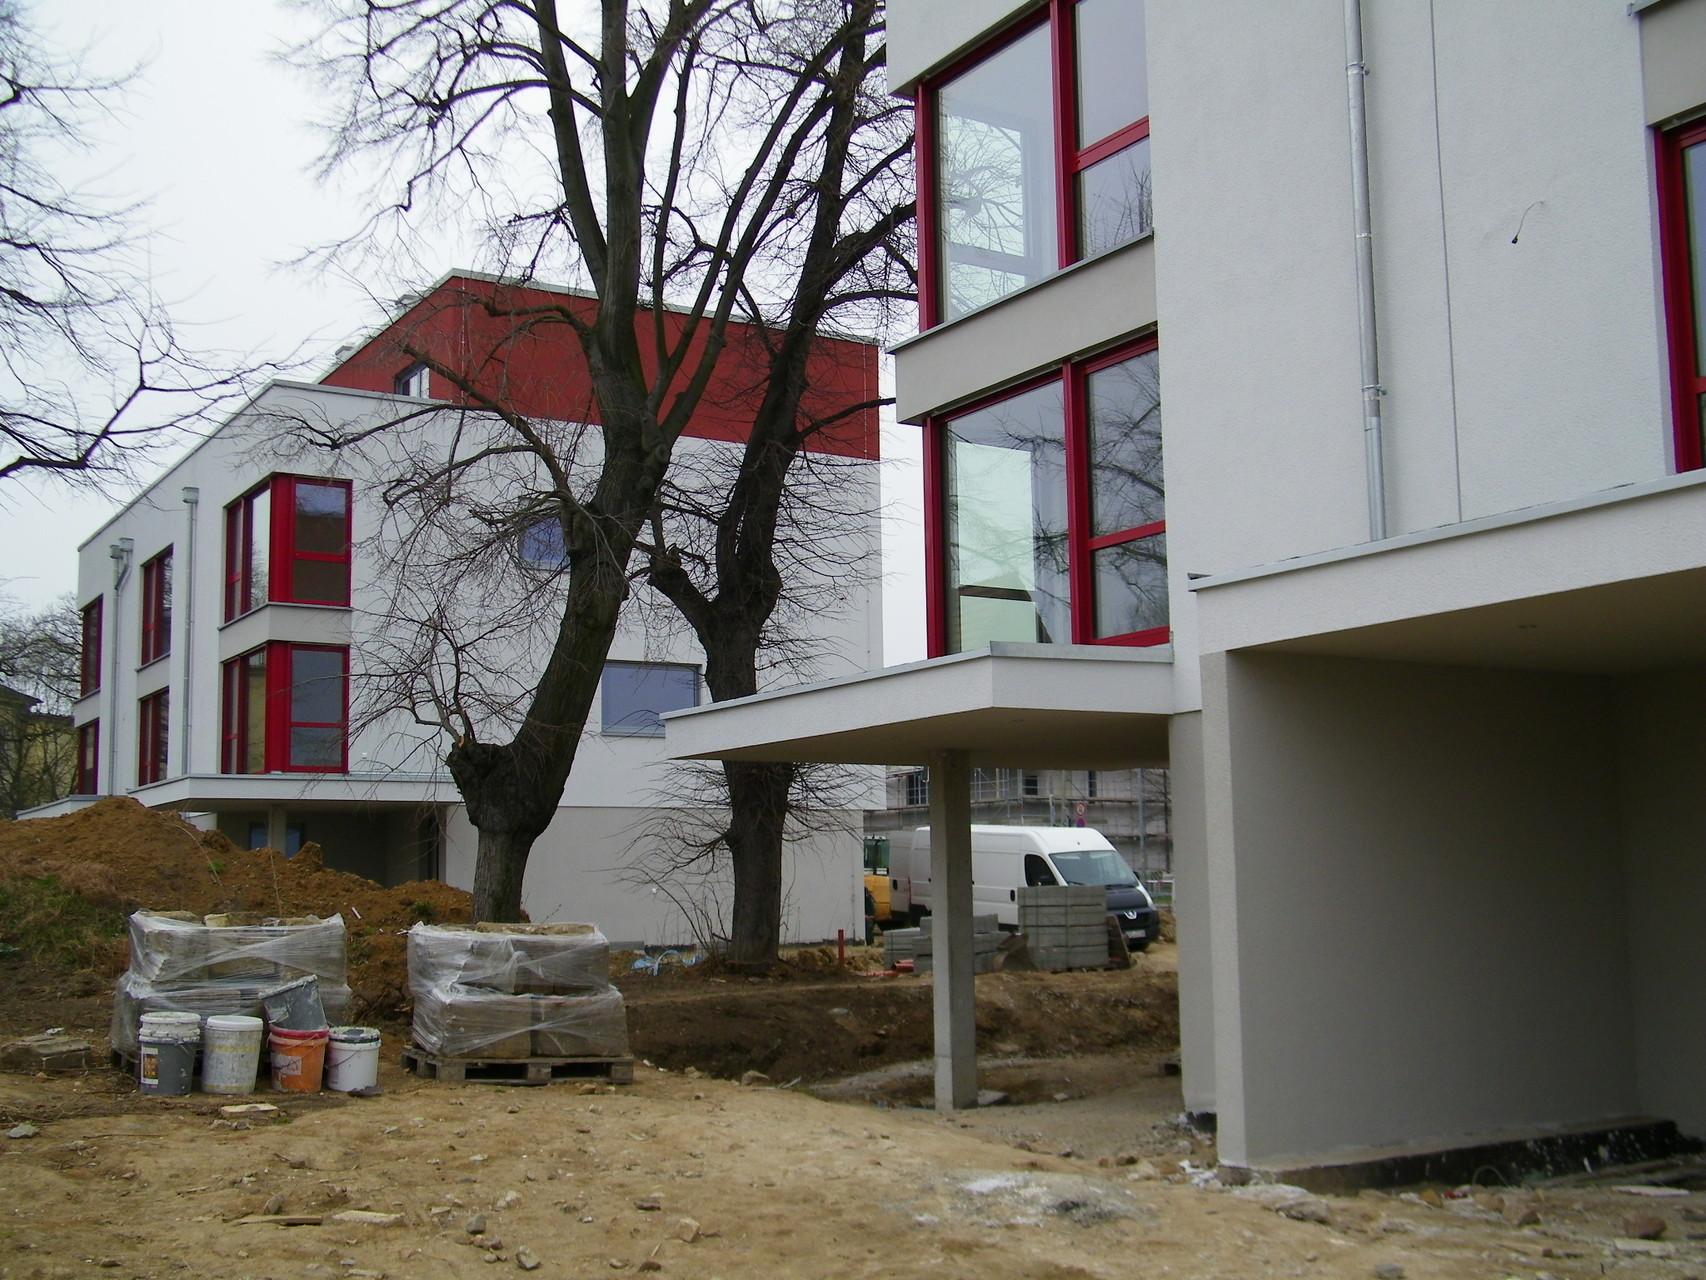 Neubau Wohnhausgruppe Dresden, Südhöhe, Gartenseite (2014)